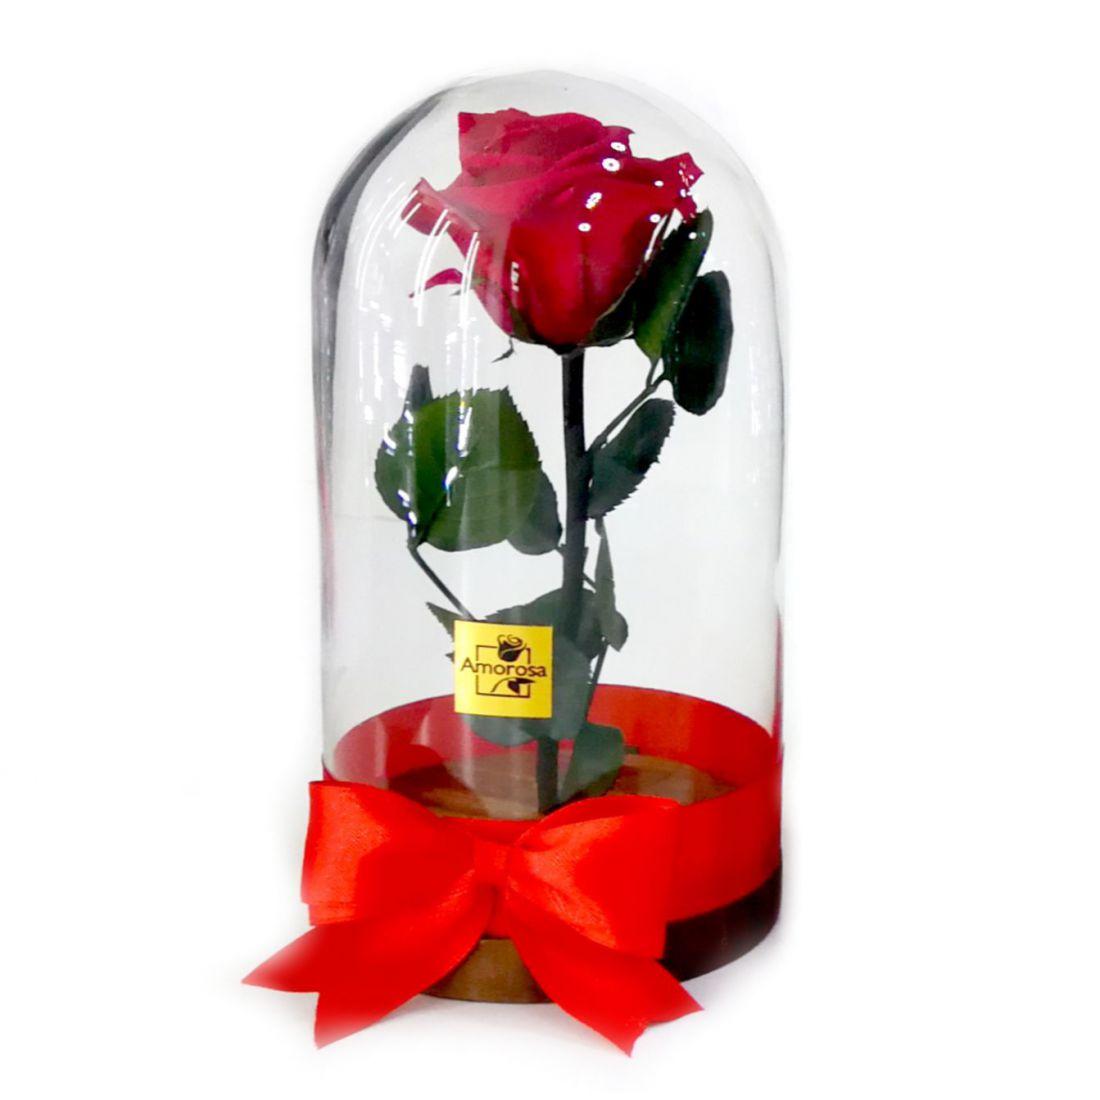 Örökrózsa üvegburában az Amorosa-tól (1 szálas)